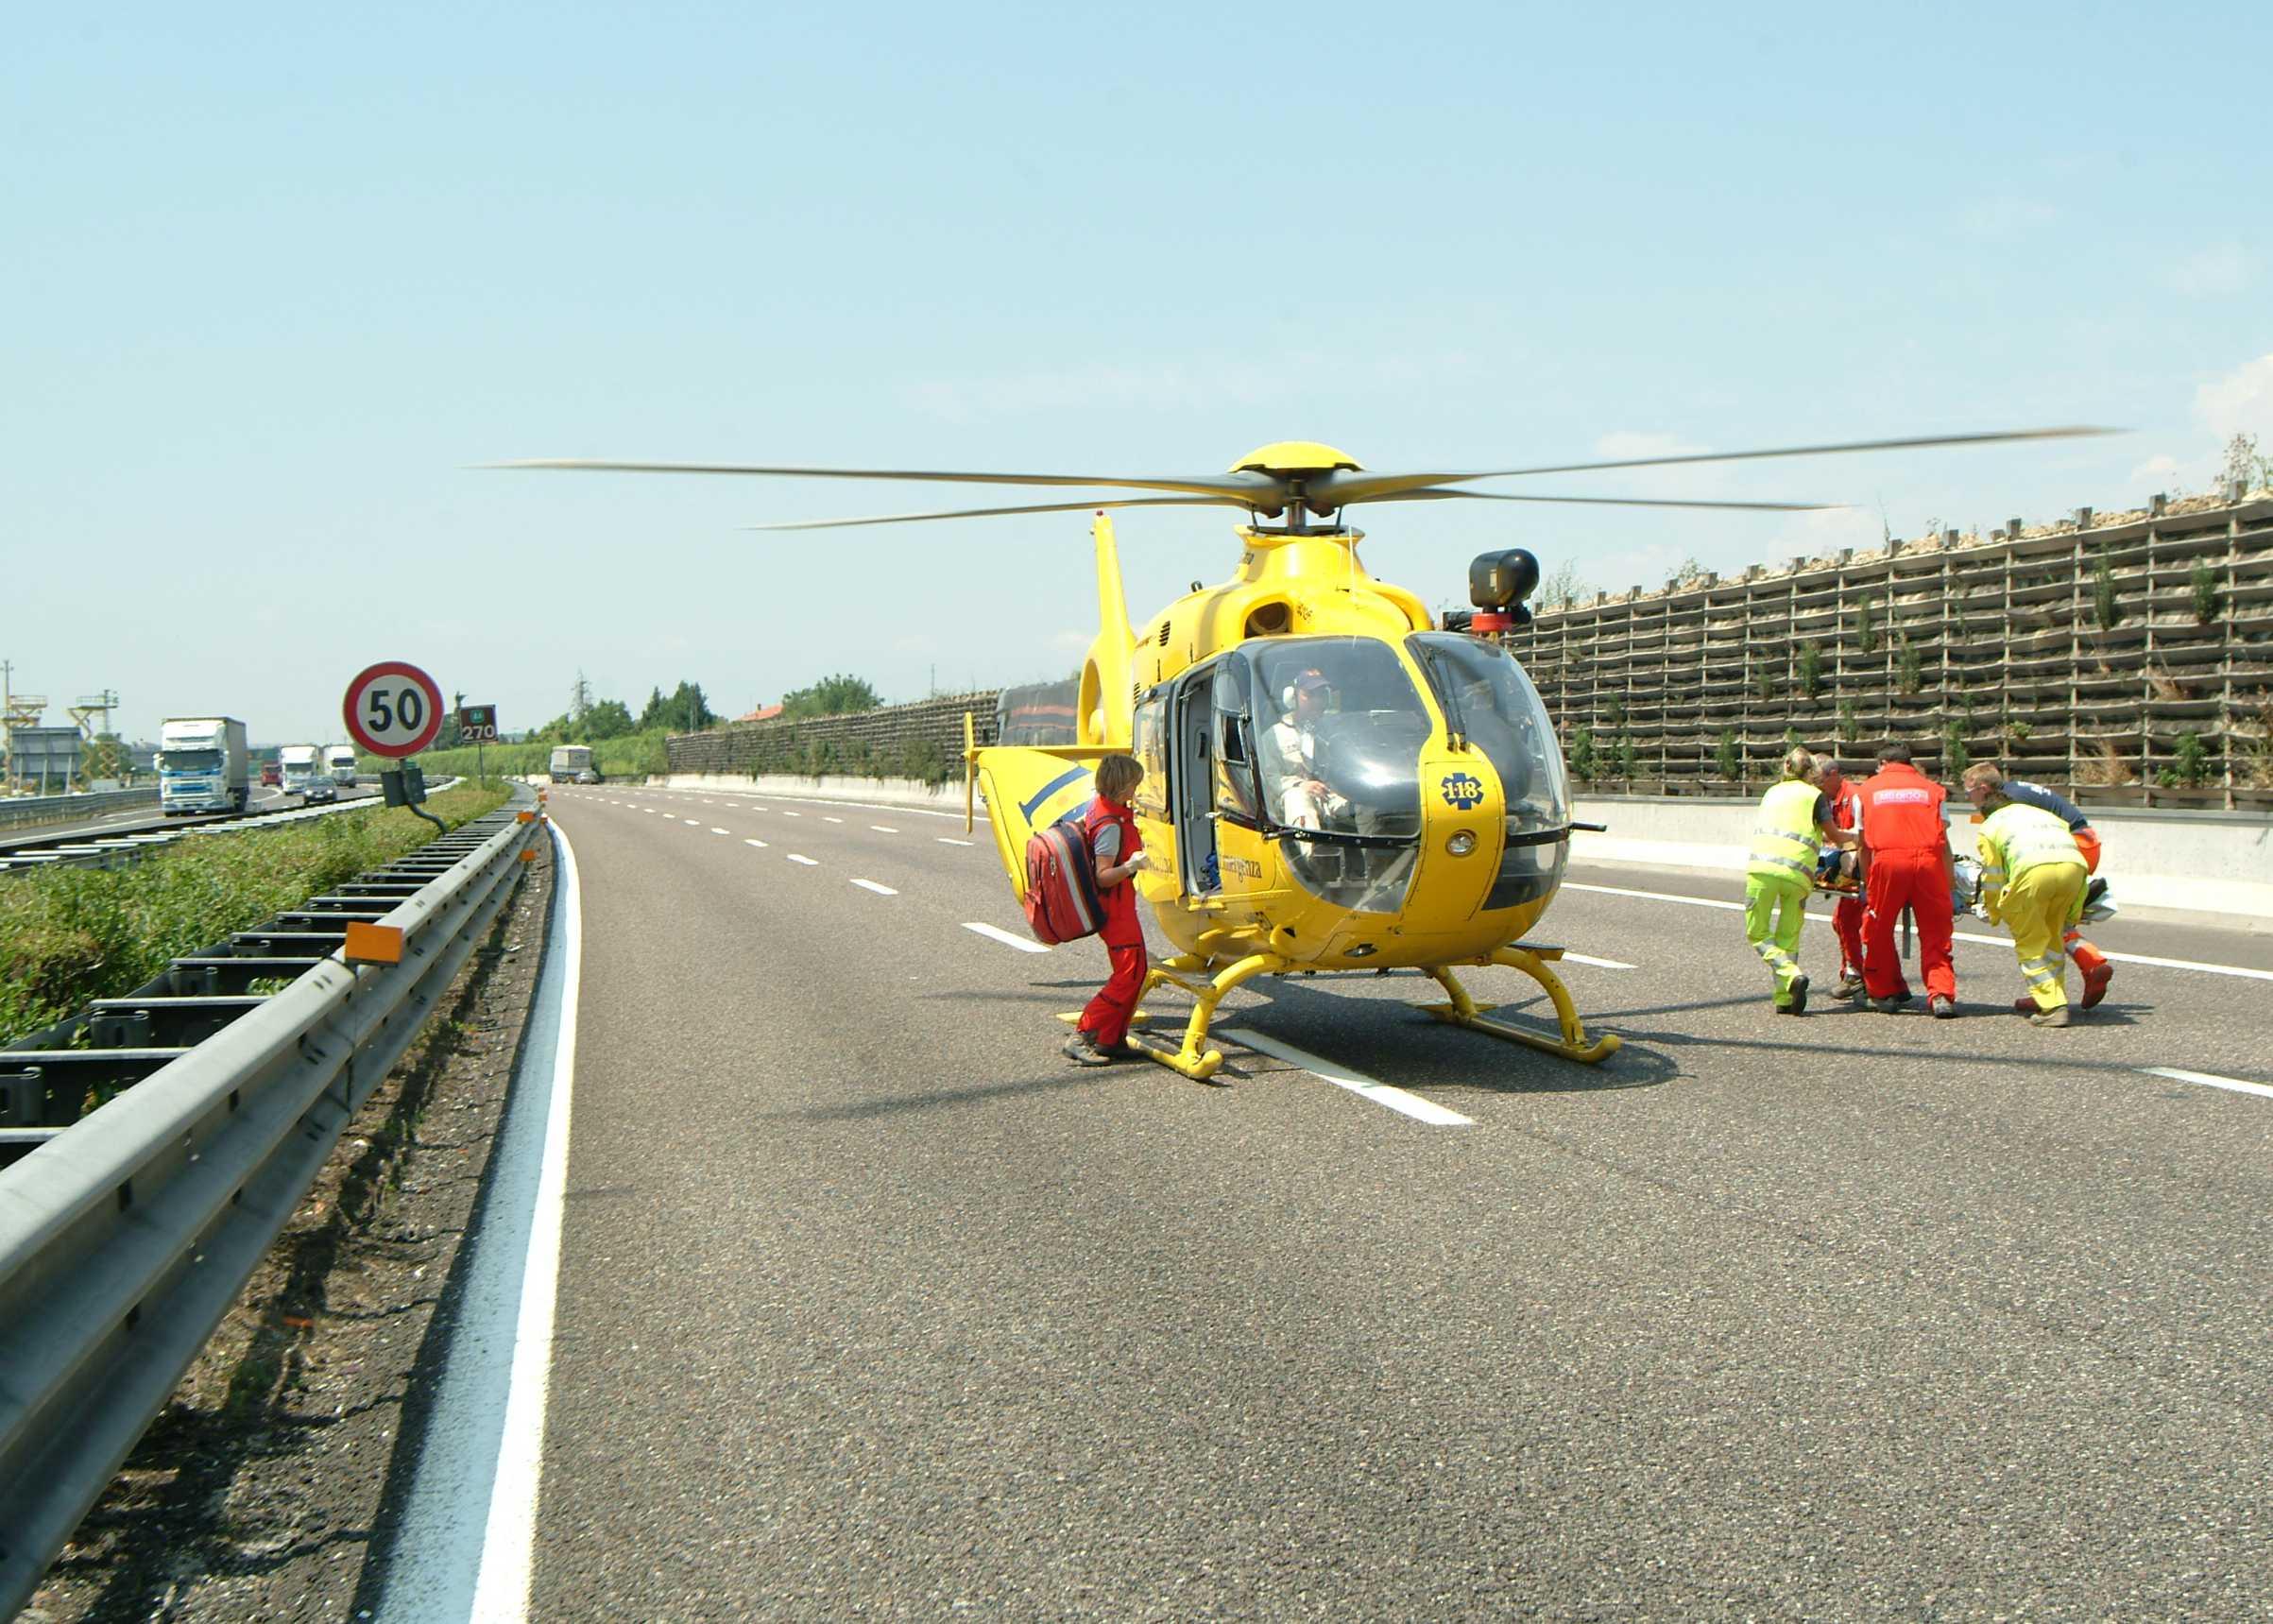 Elicottero 118 Verona : Verona incidente sull autobrennero sei feriti investito